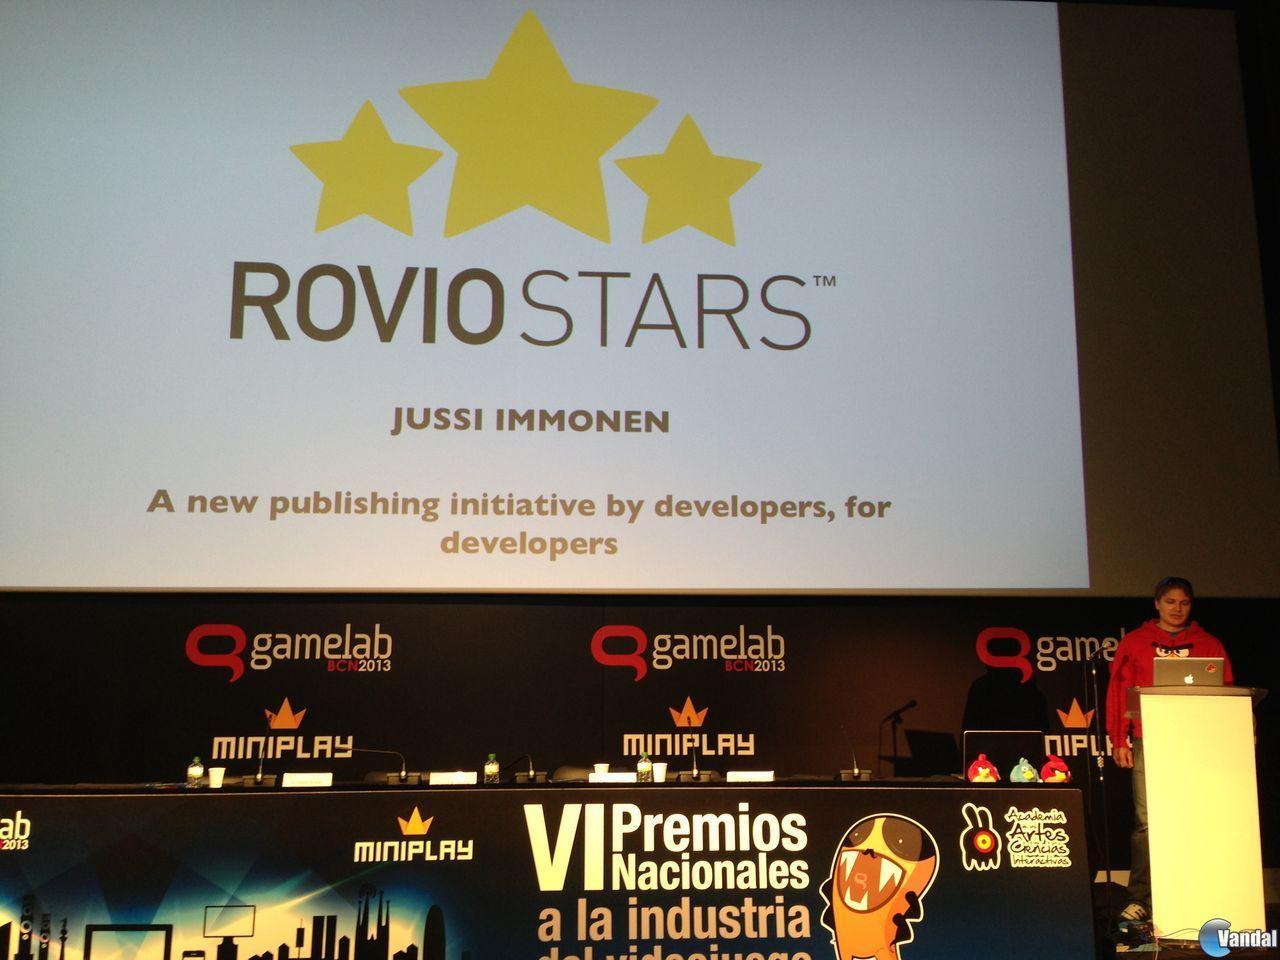 Gamelab: Rovio presenta Rovio Stars, su programa de incubación de juegos